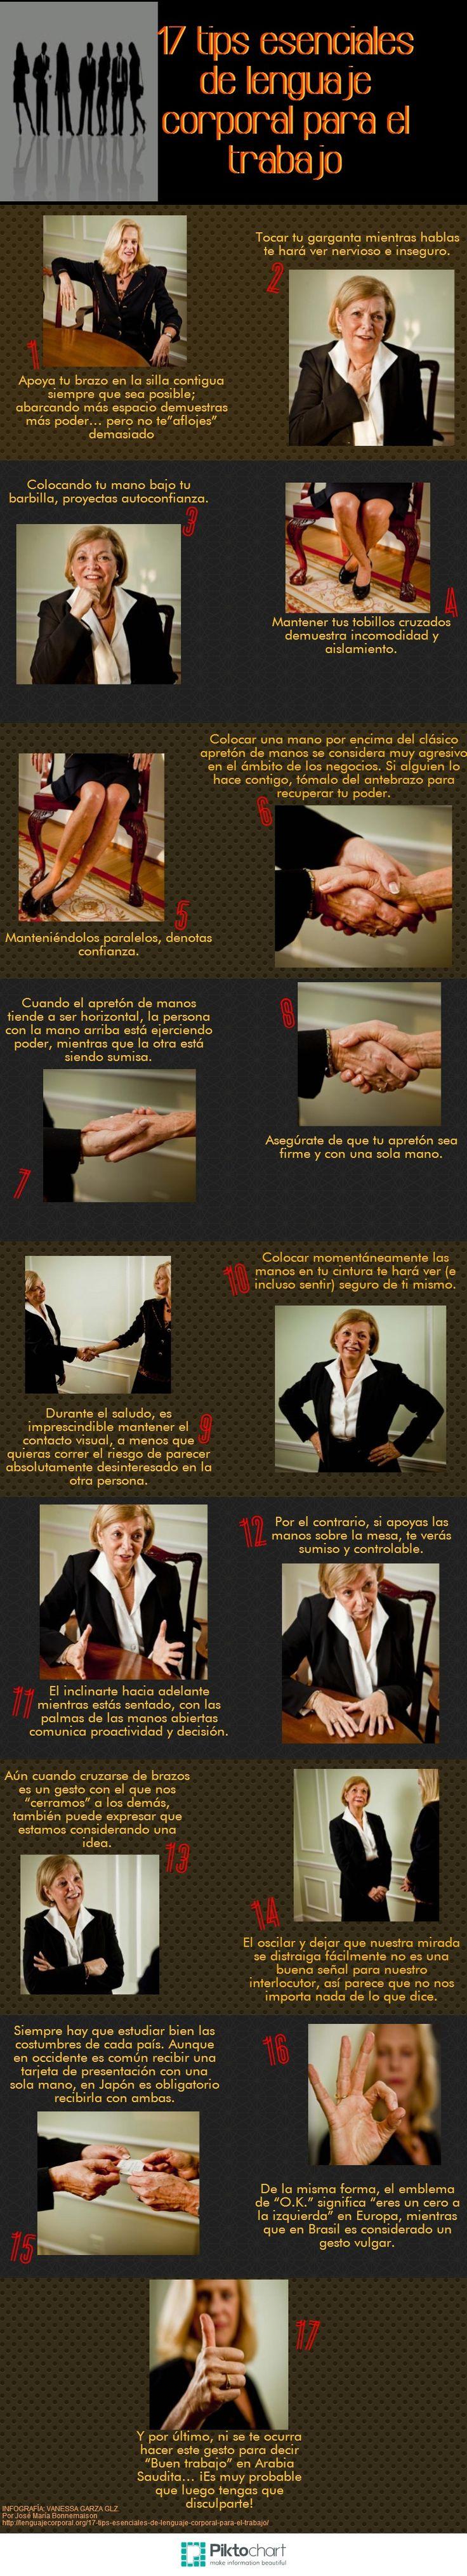 17 consejos lenguaje corporal para el trabajo